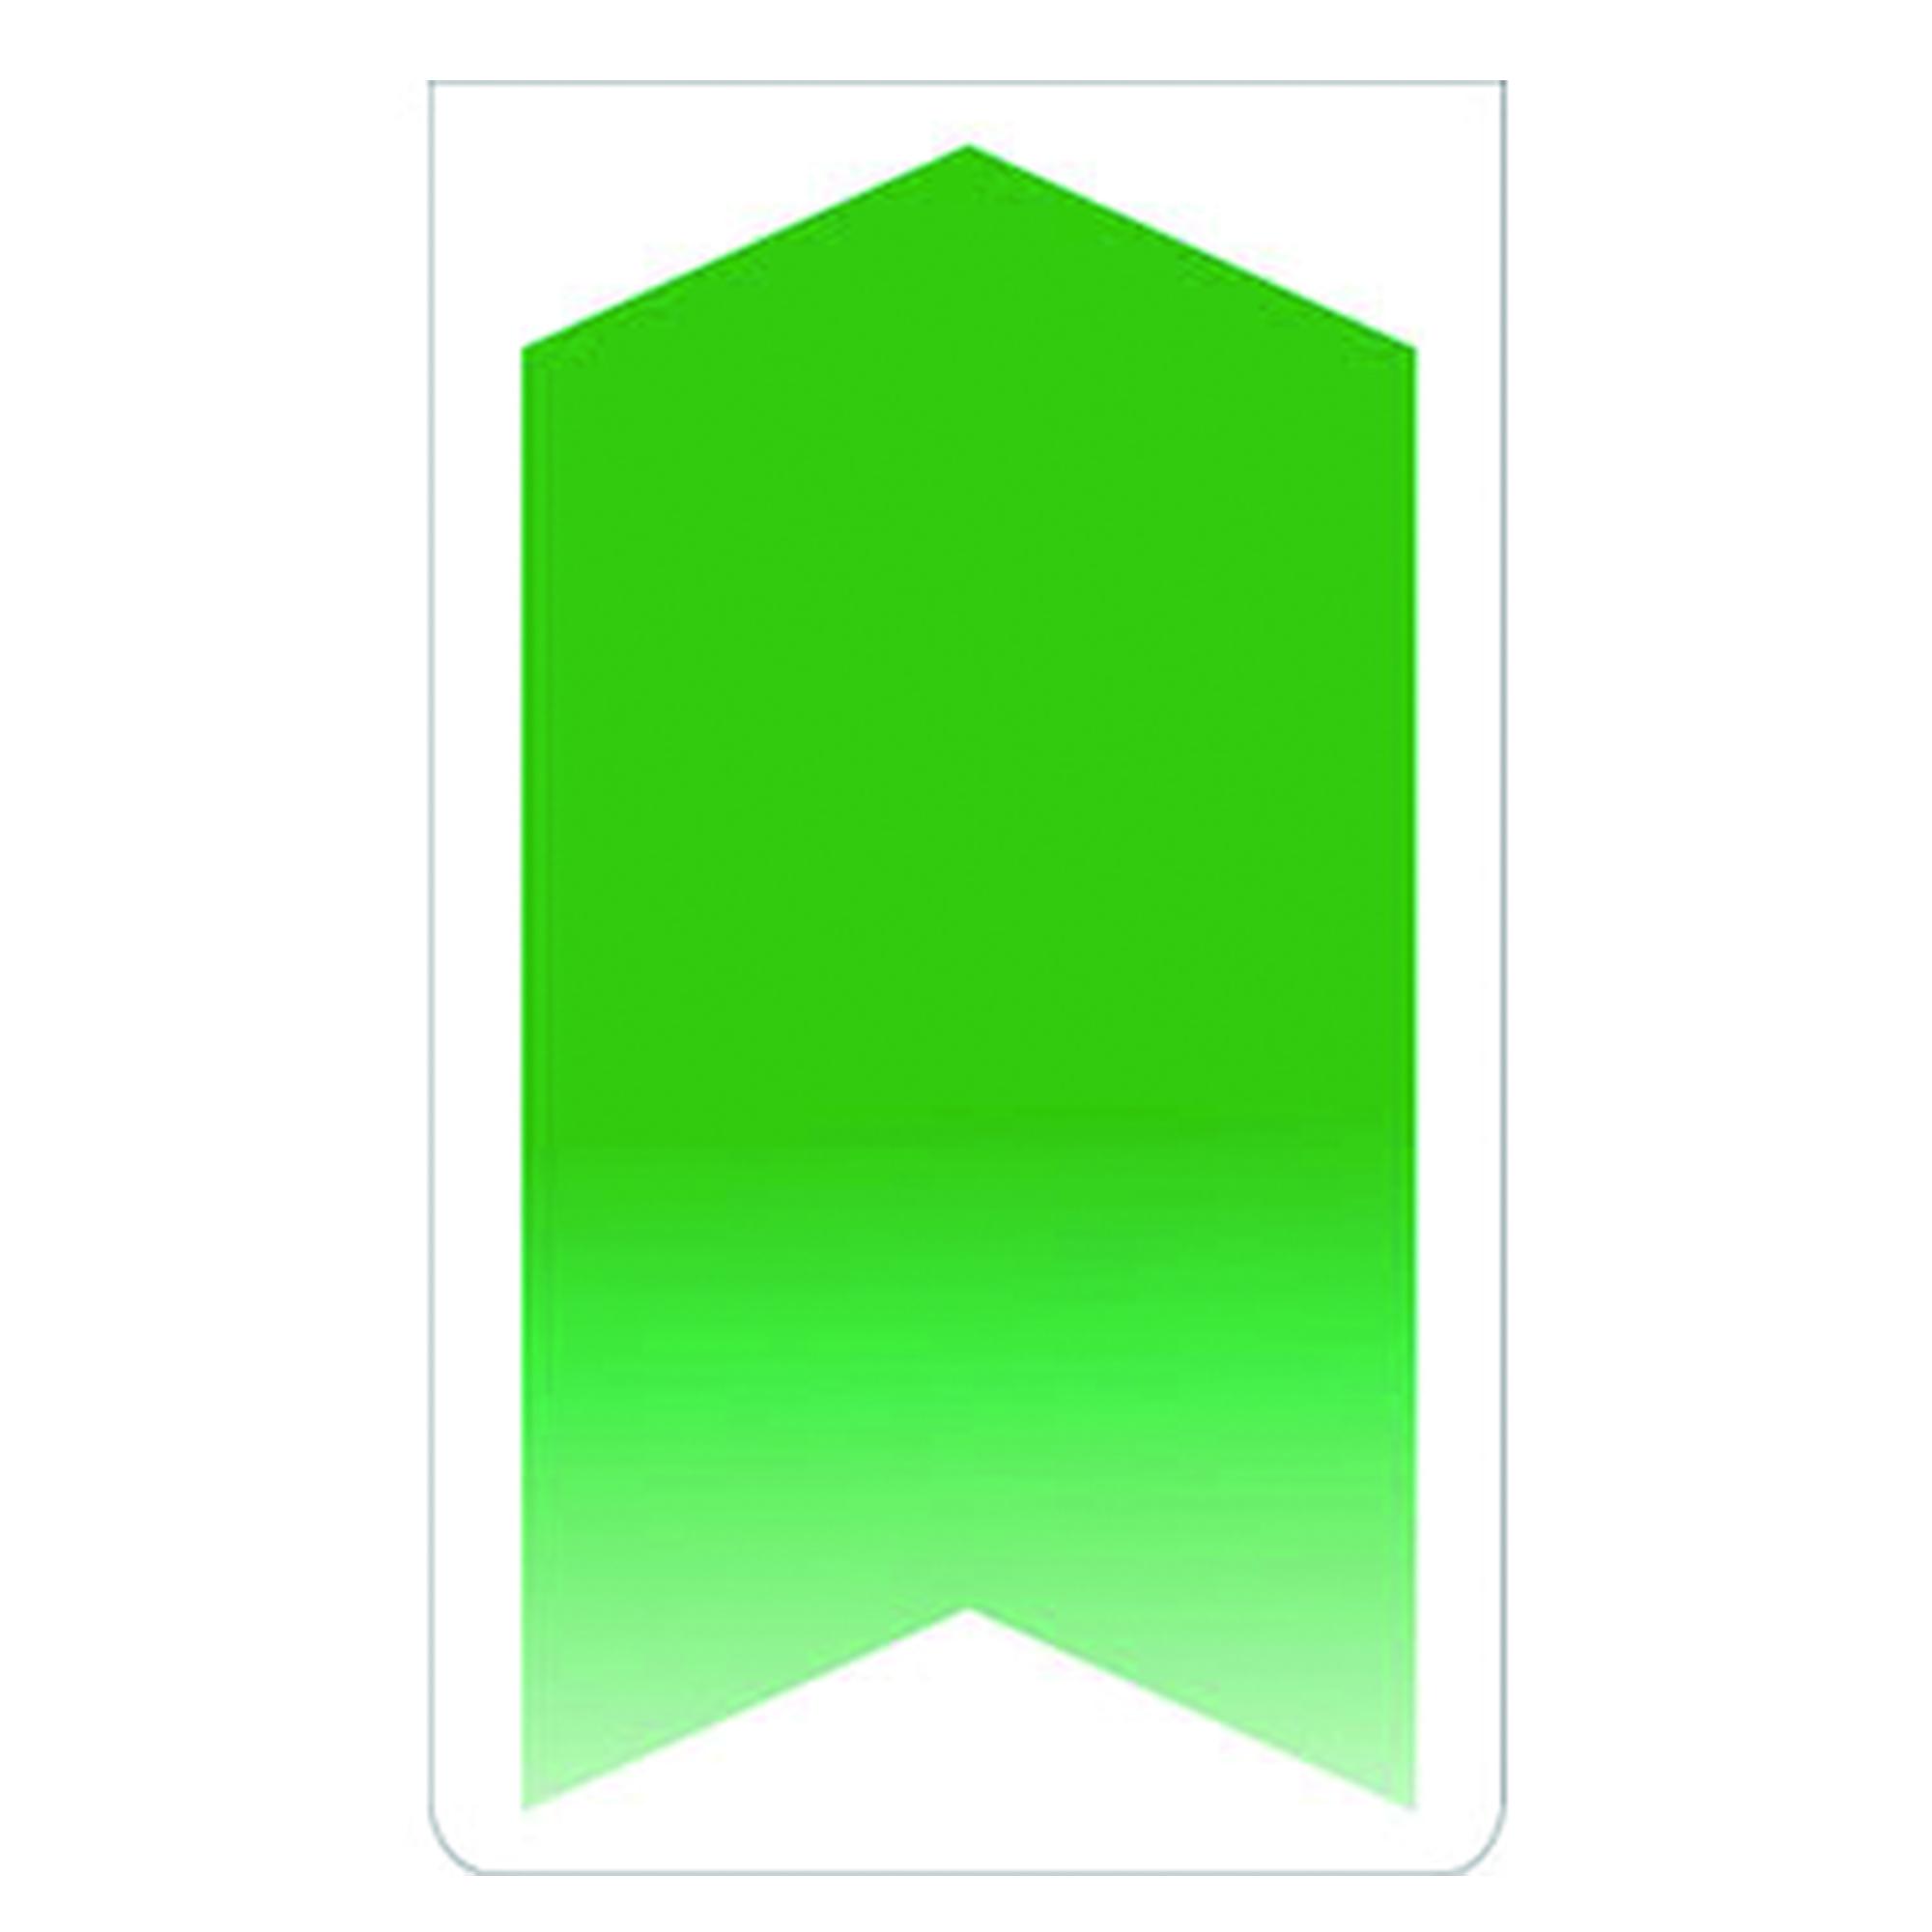 ニューコーンサイン板のみ GKS-53 緑矢印